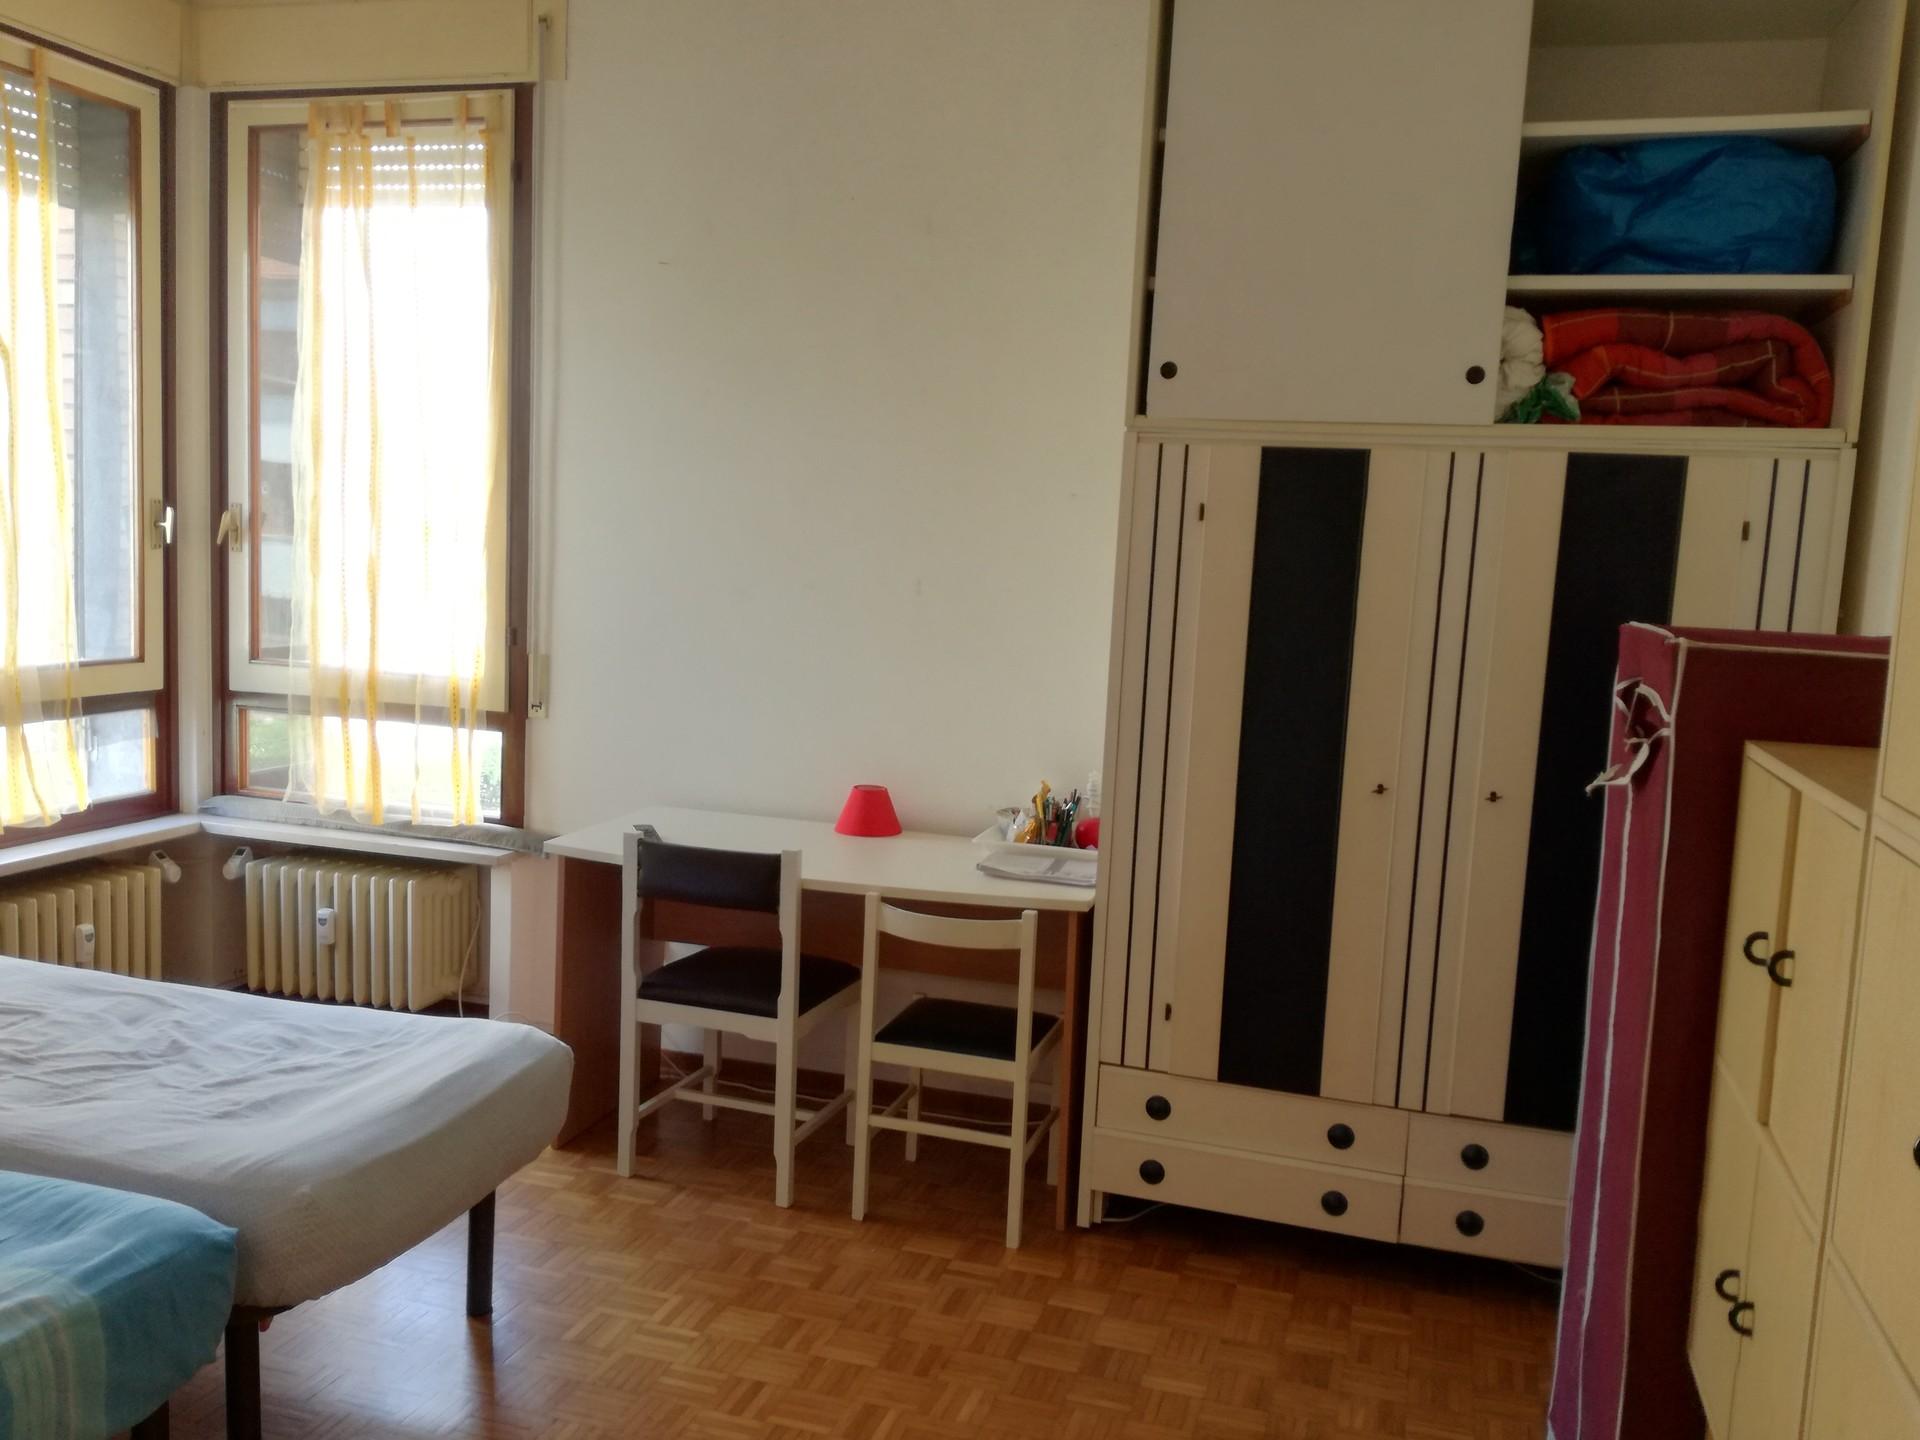 camere-grandi-letto-uso-singola-5e7bd13982e6f63453a68a866ad7f3fc